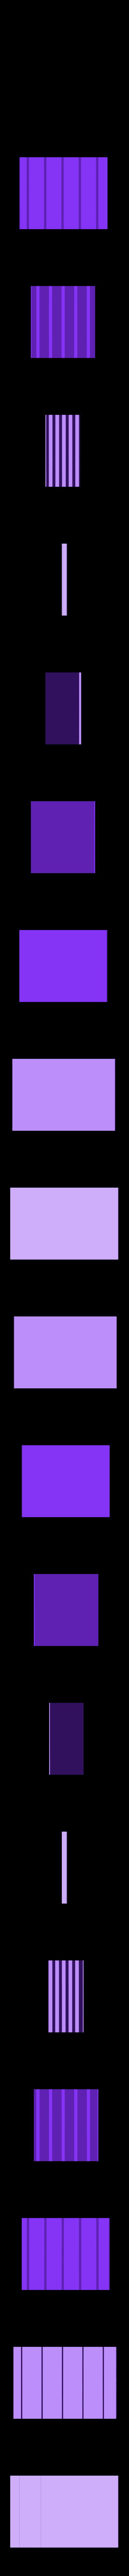 can_fins_insert.stl Télécharger fichier STL gratuit Polisseuse de pièces Smooth-O-Matic et gobelet à roches • Design à imprimer en 3D, Khuxtan